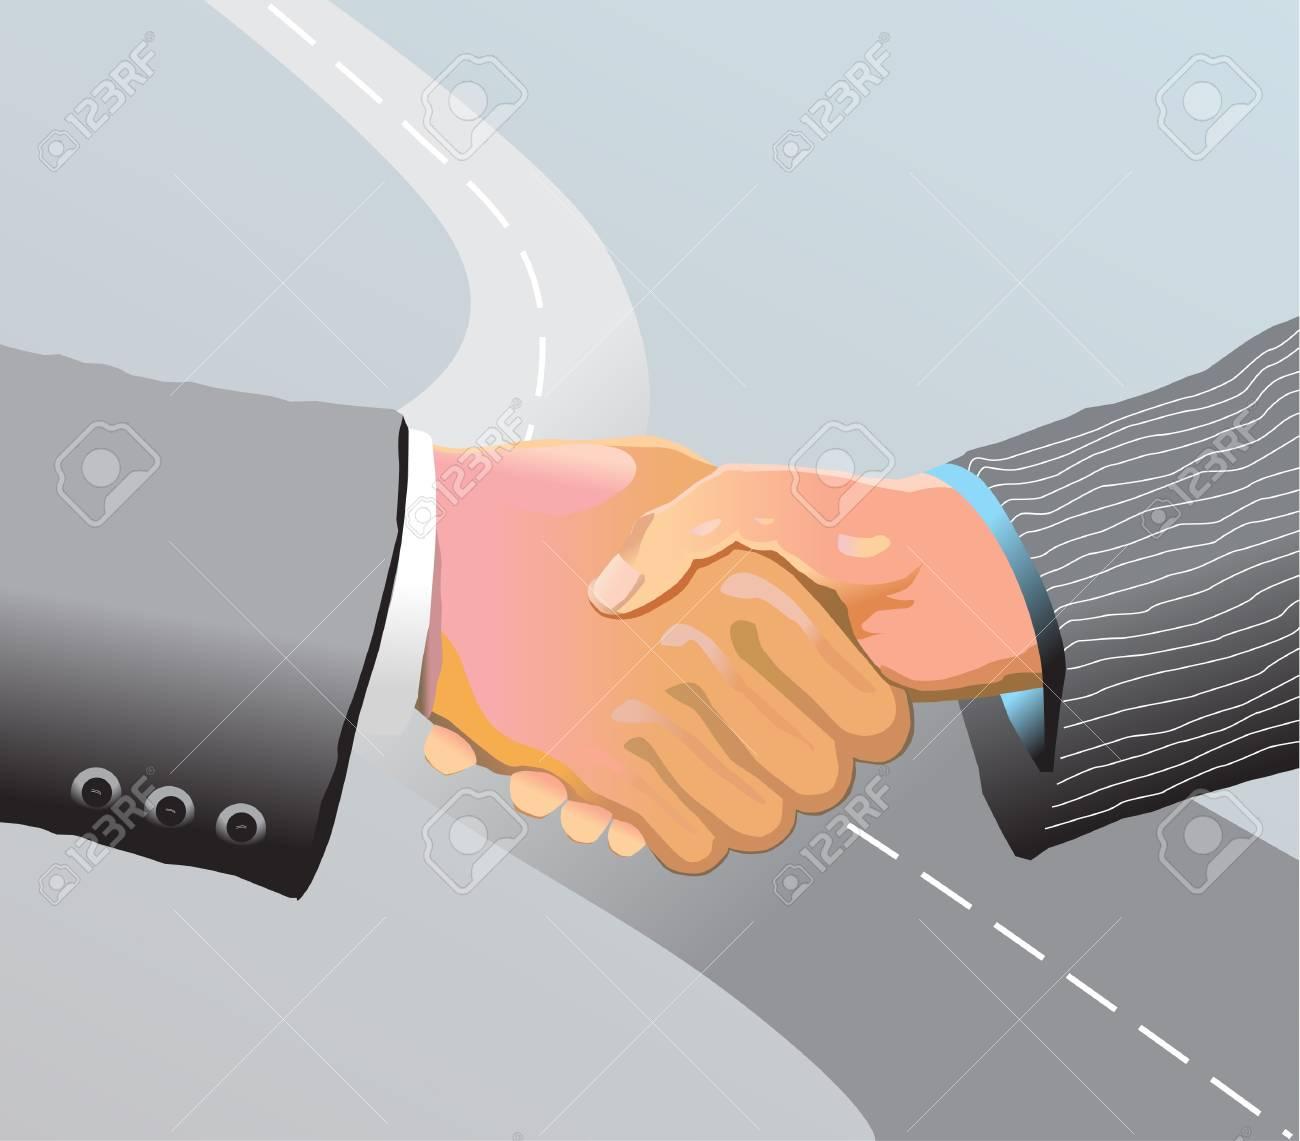 handshake Stock Vector - 13754007